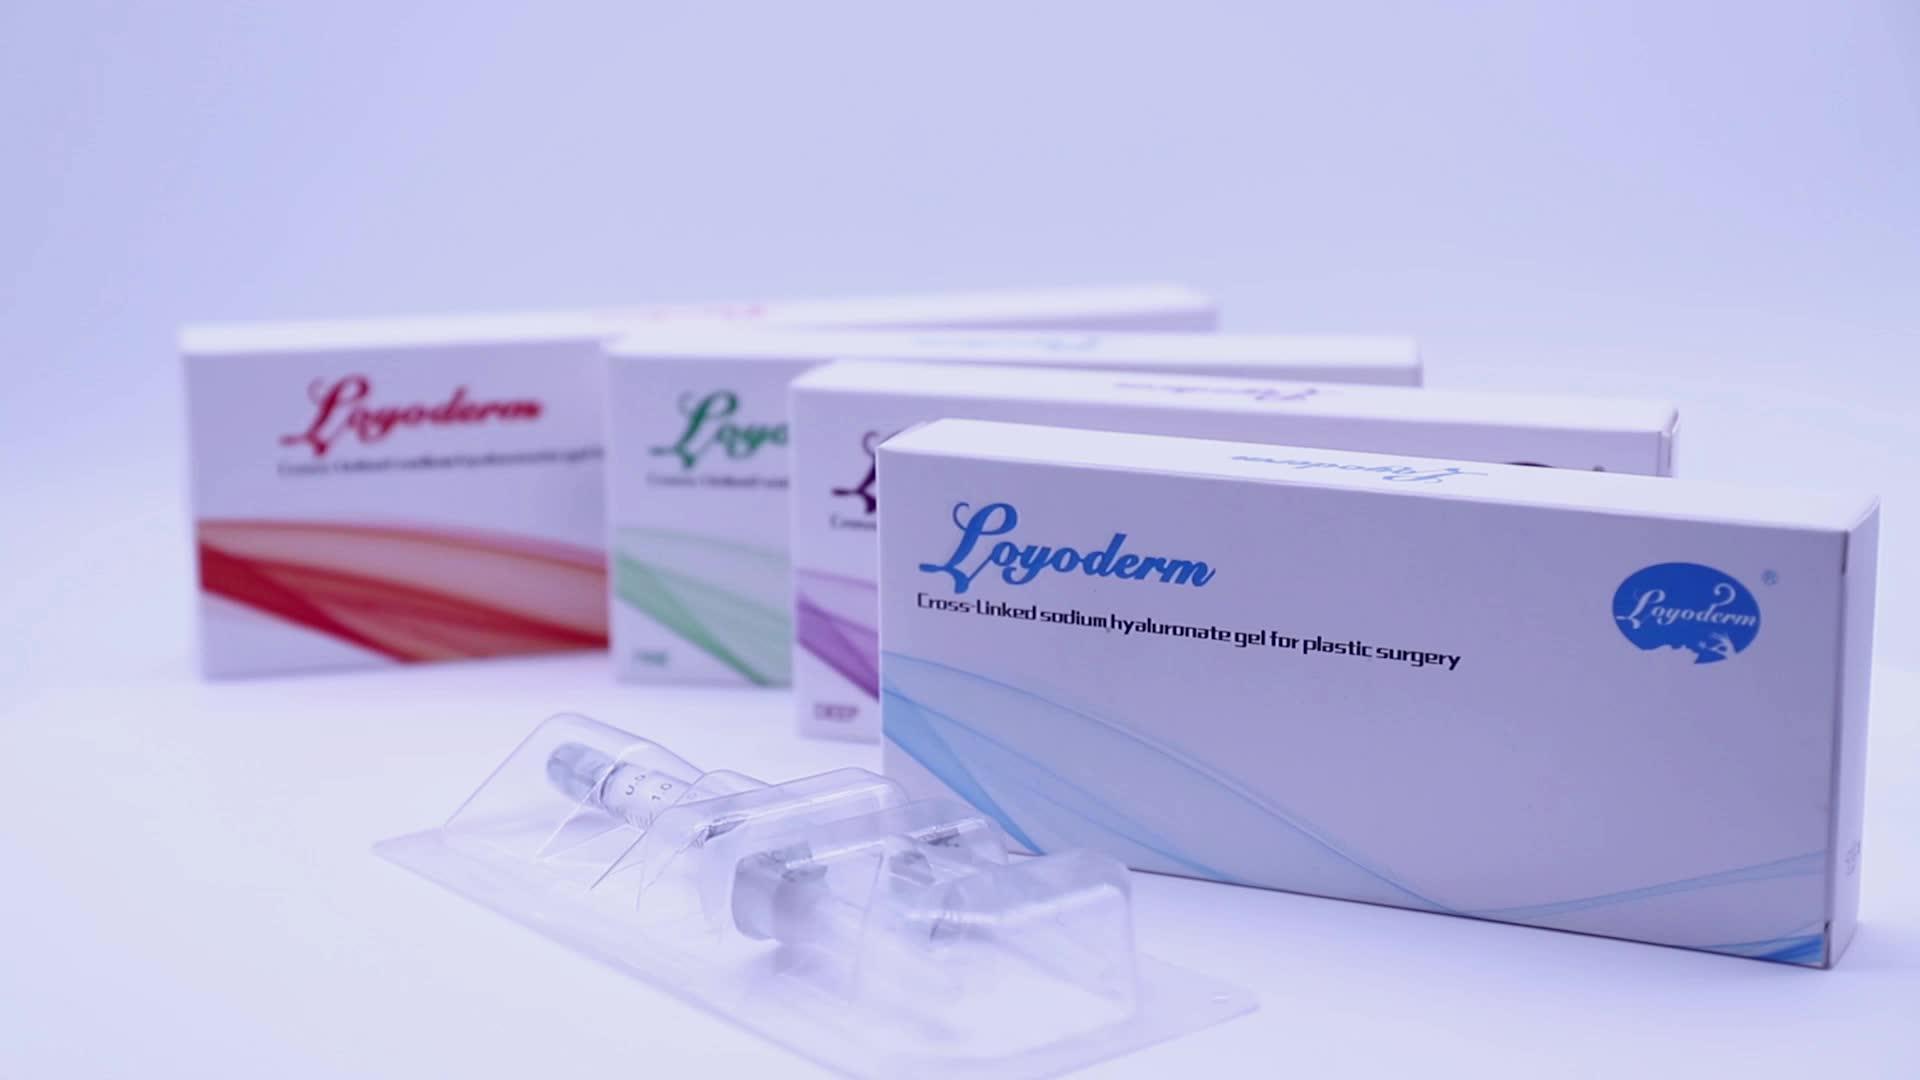 Acidampoule 2 ml clareamento da pele injeção hialurônico para o rosto